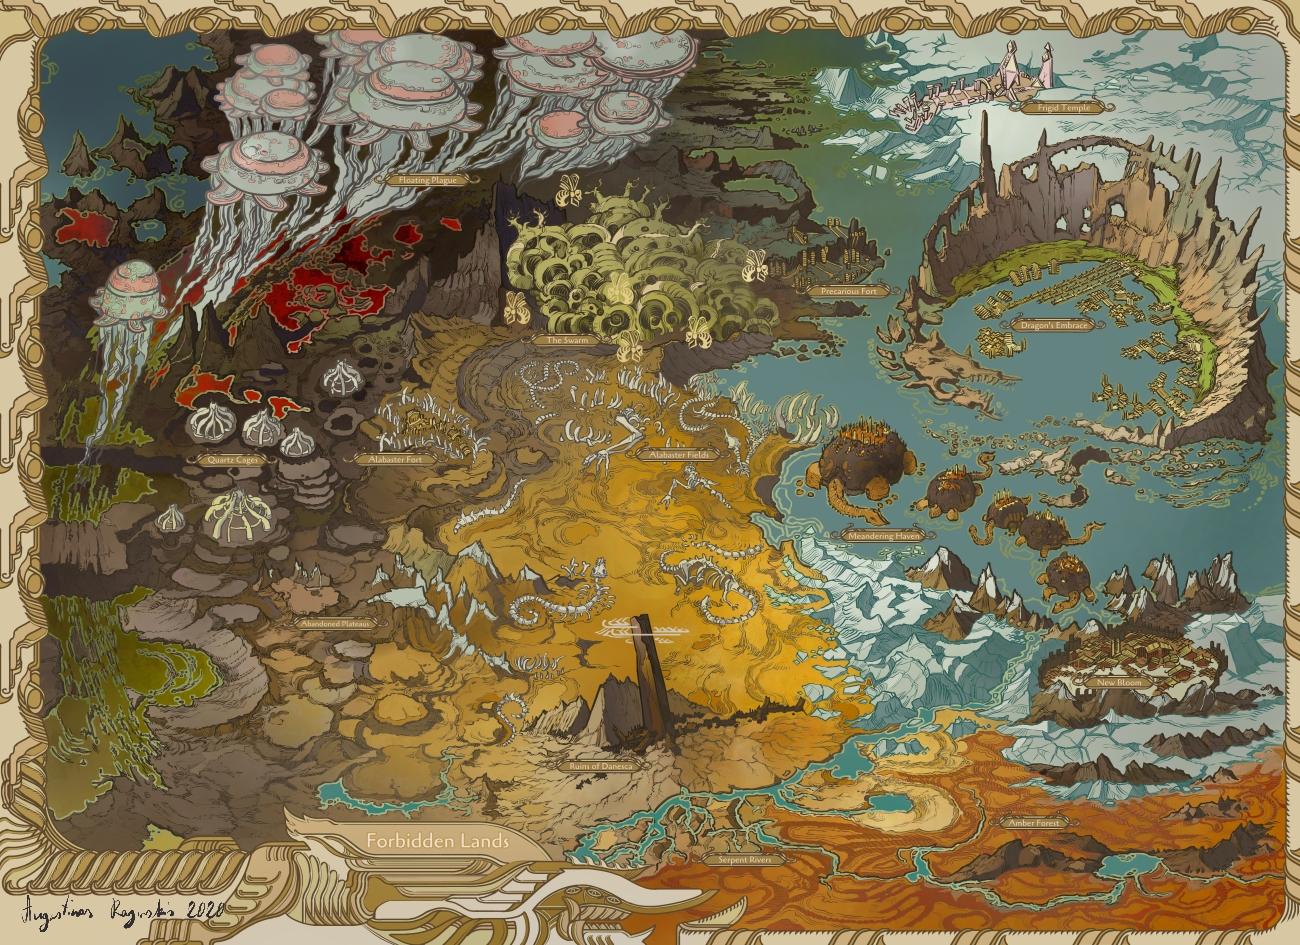 Forbidden Lands Map